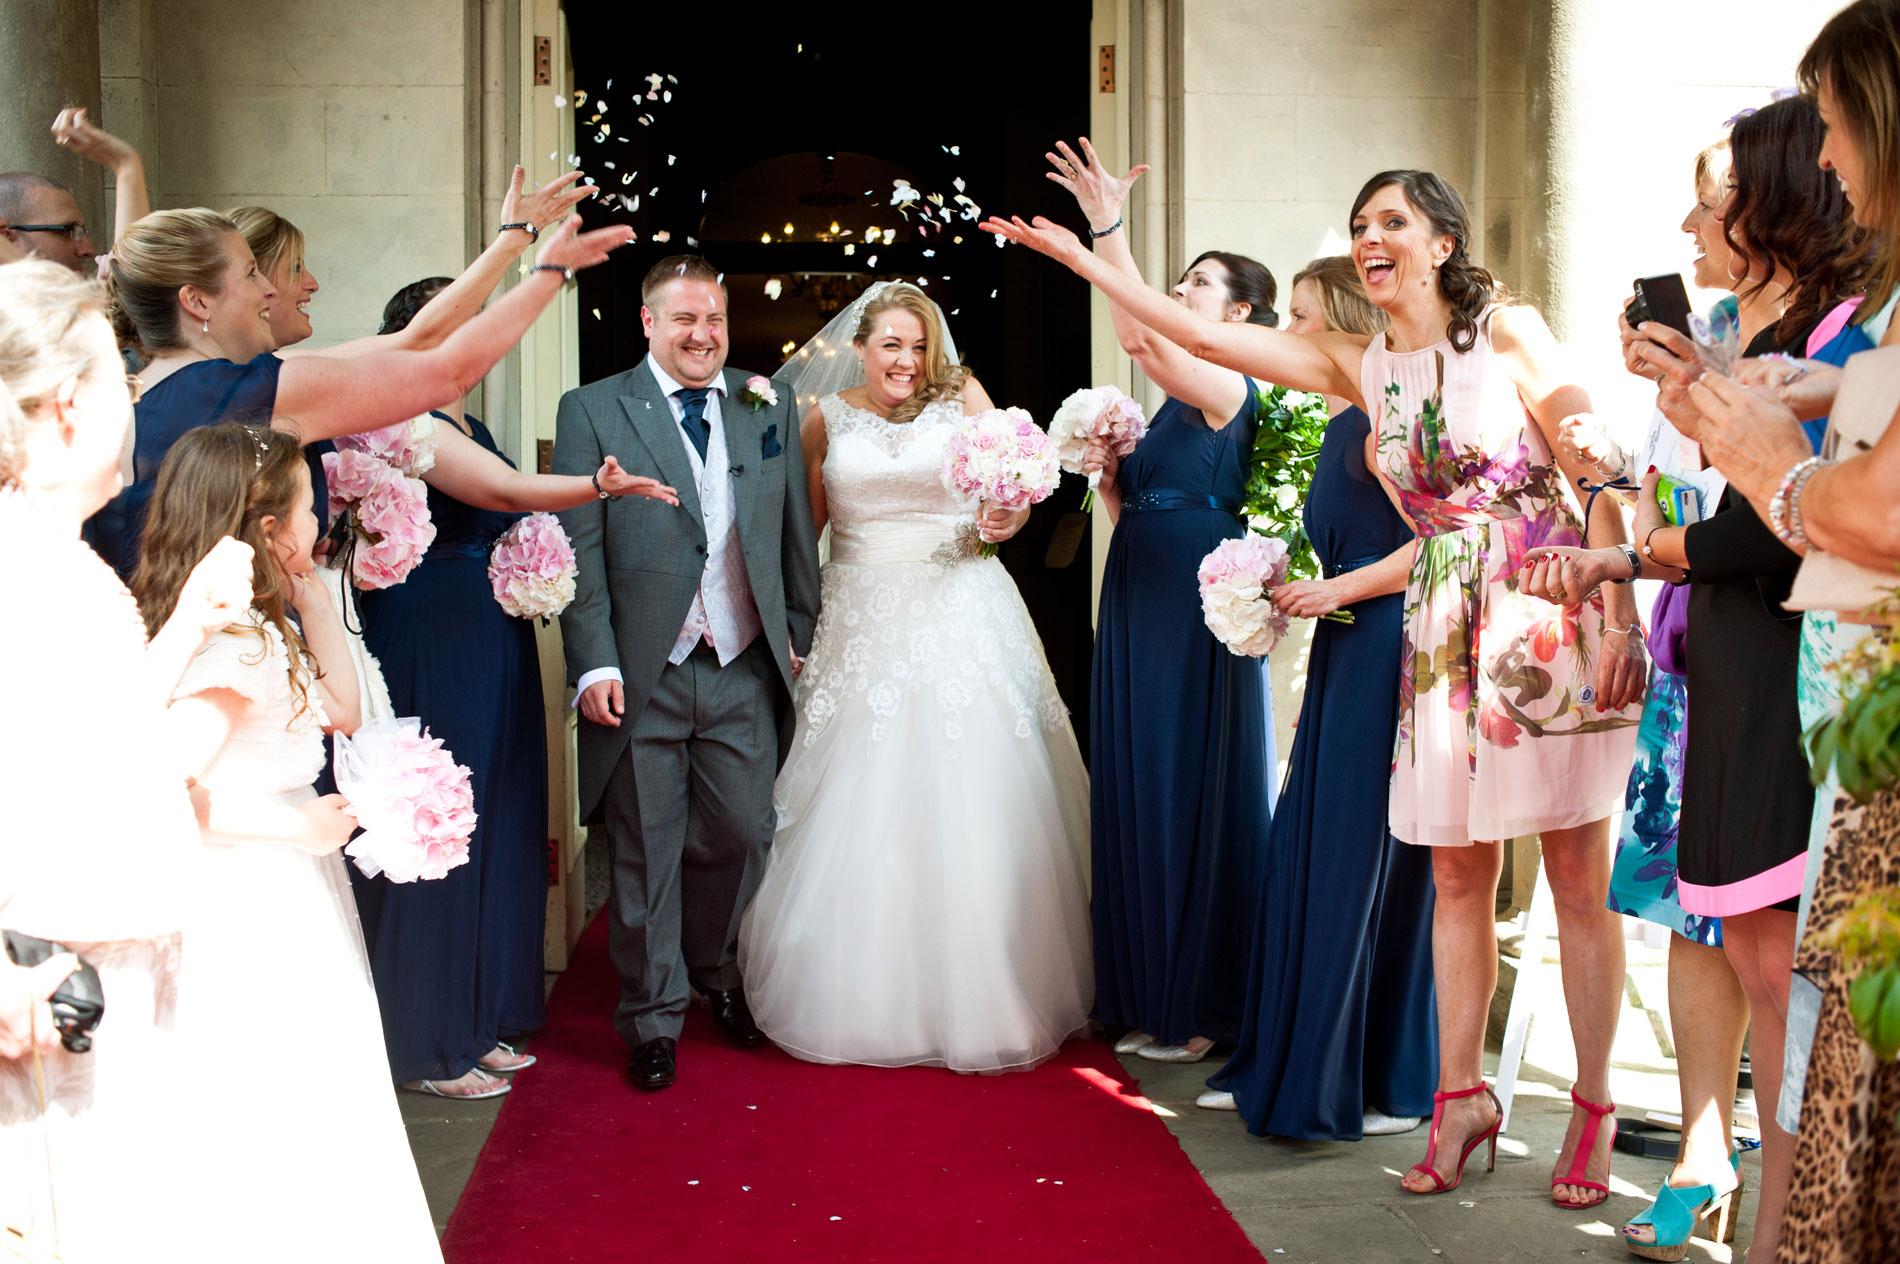 Kilworth-weddings-_32.jpg